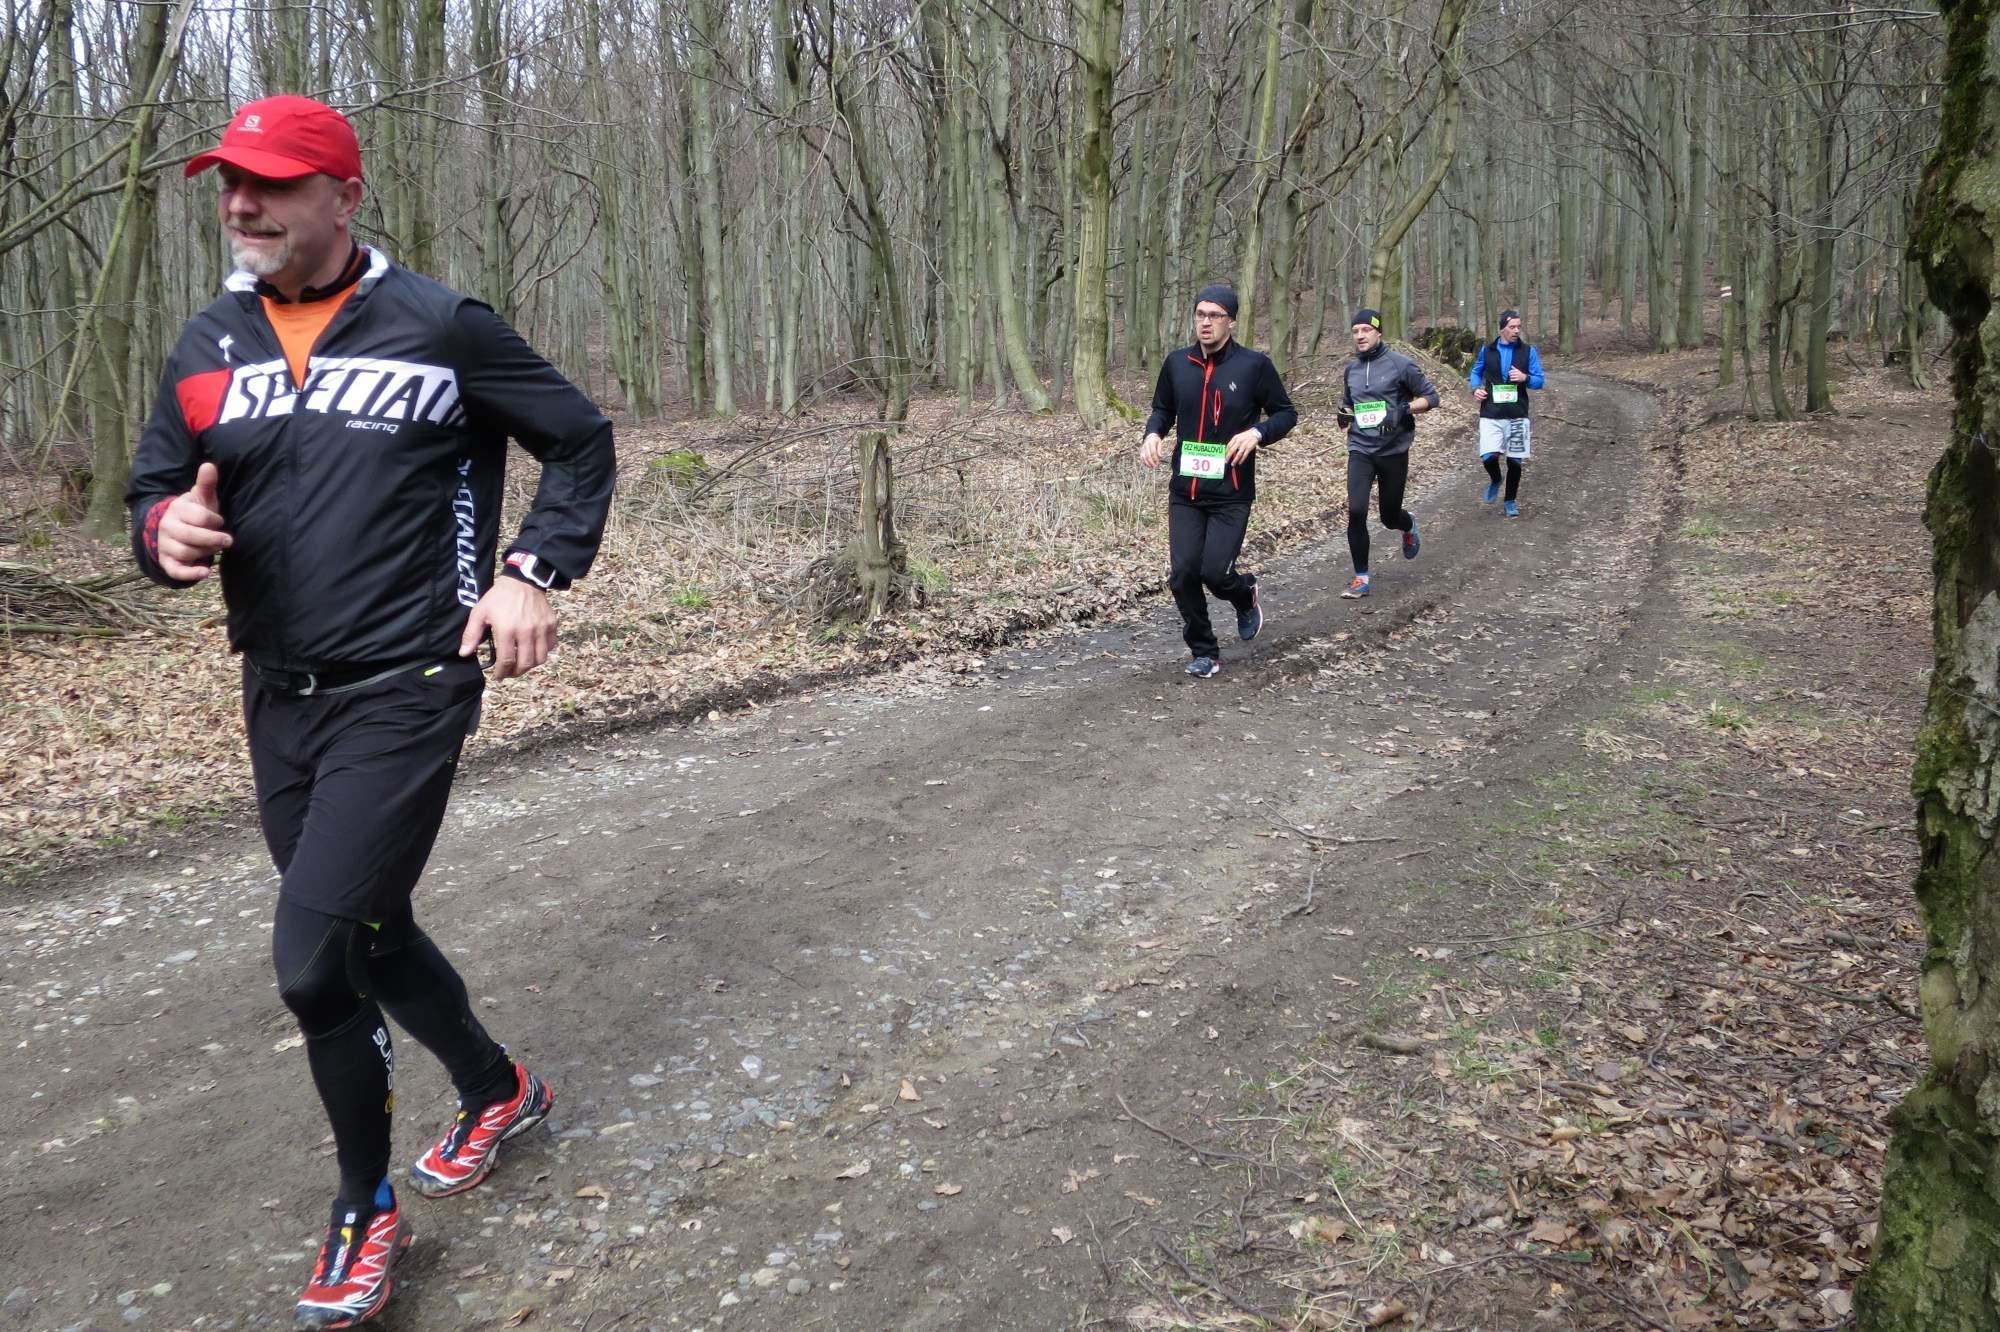 Expresky z hôr 52 - Cez Hubalovú, zdroj: polmaraton.webnode.cz